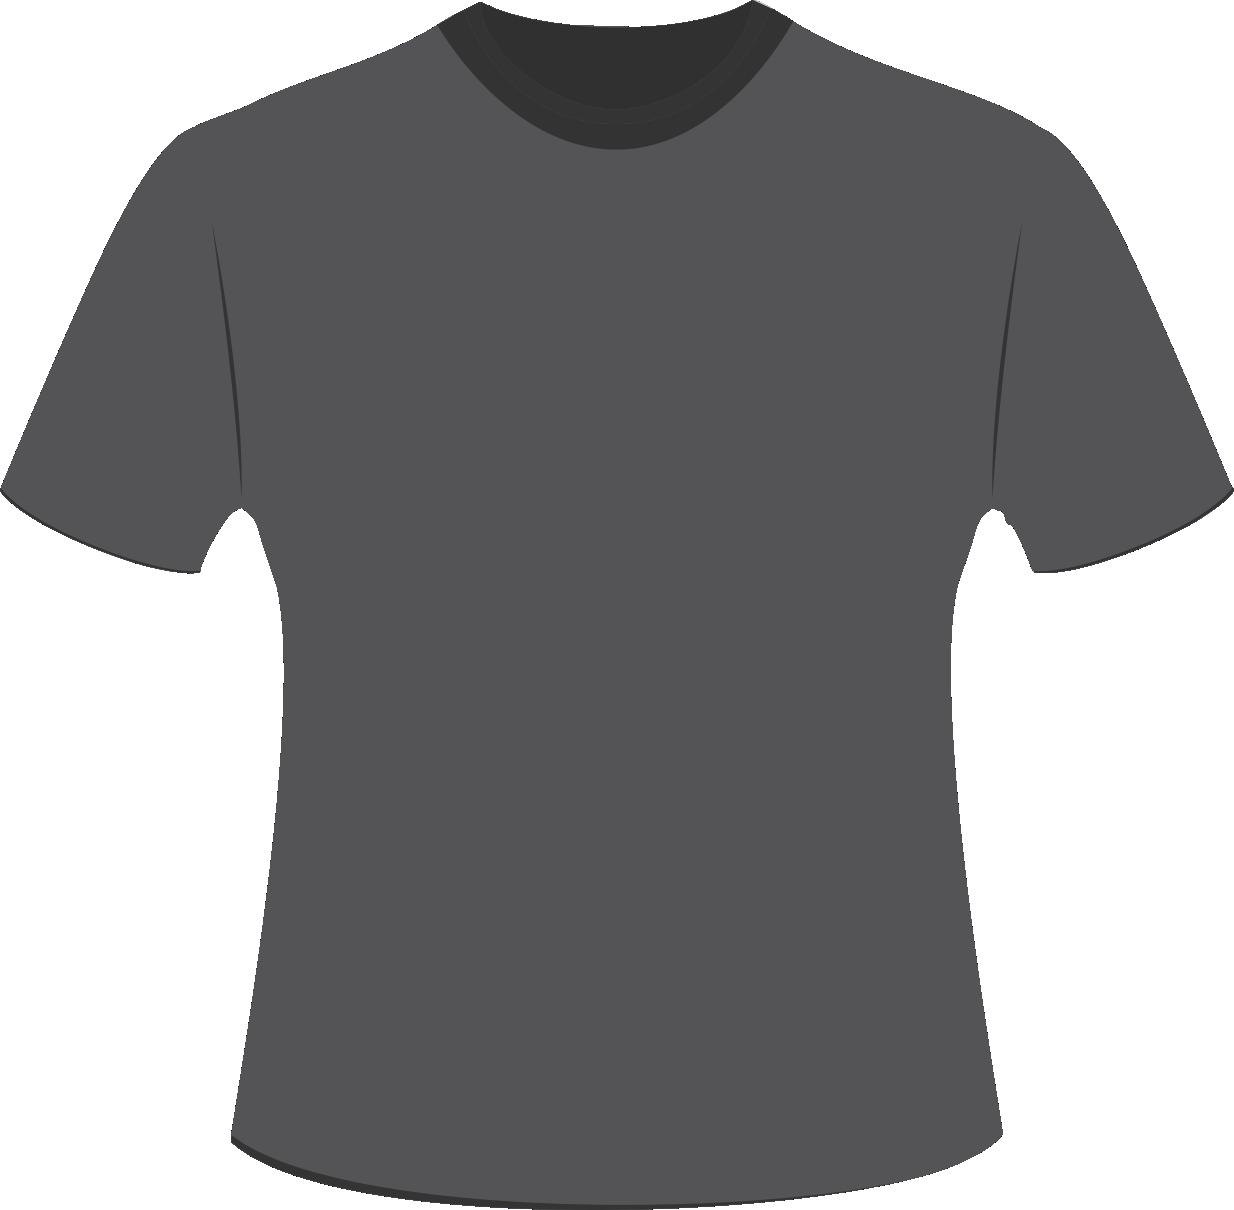 Mockup Camiseta Preta Editável Png E Vetor Imagens E Moldes